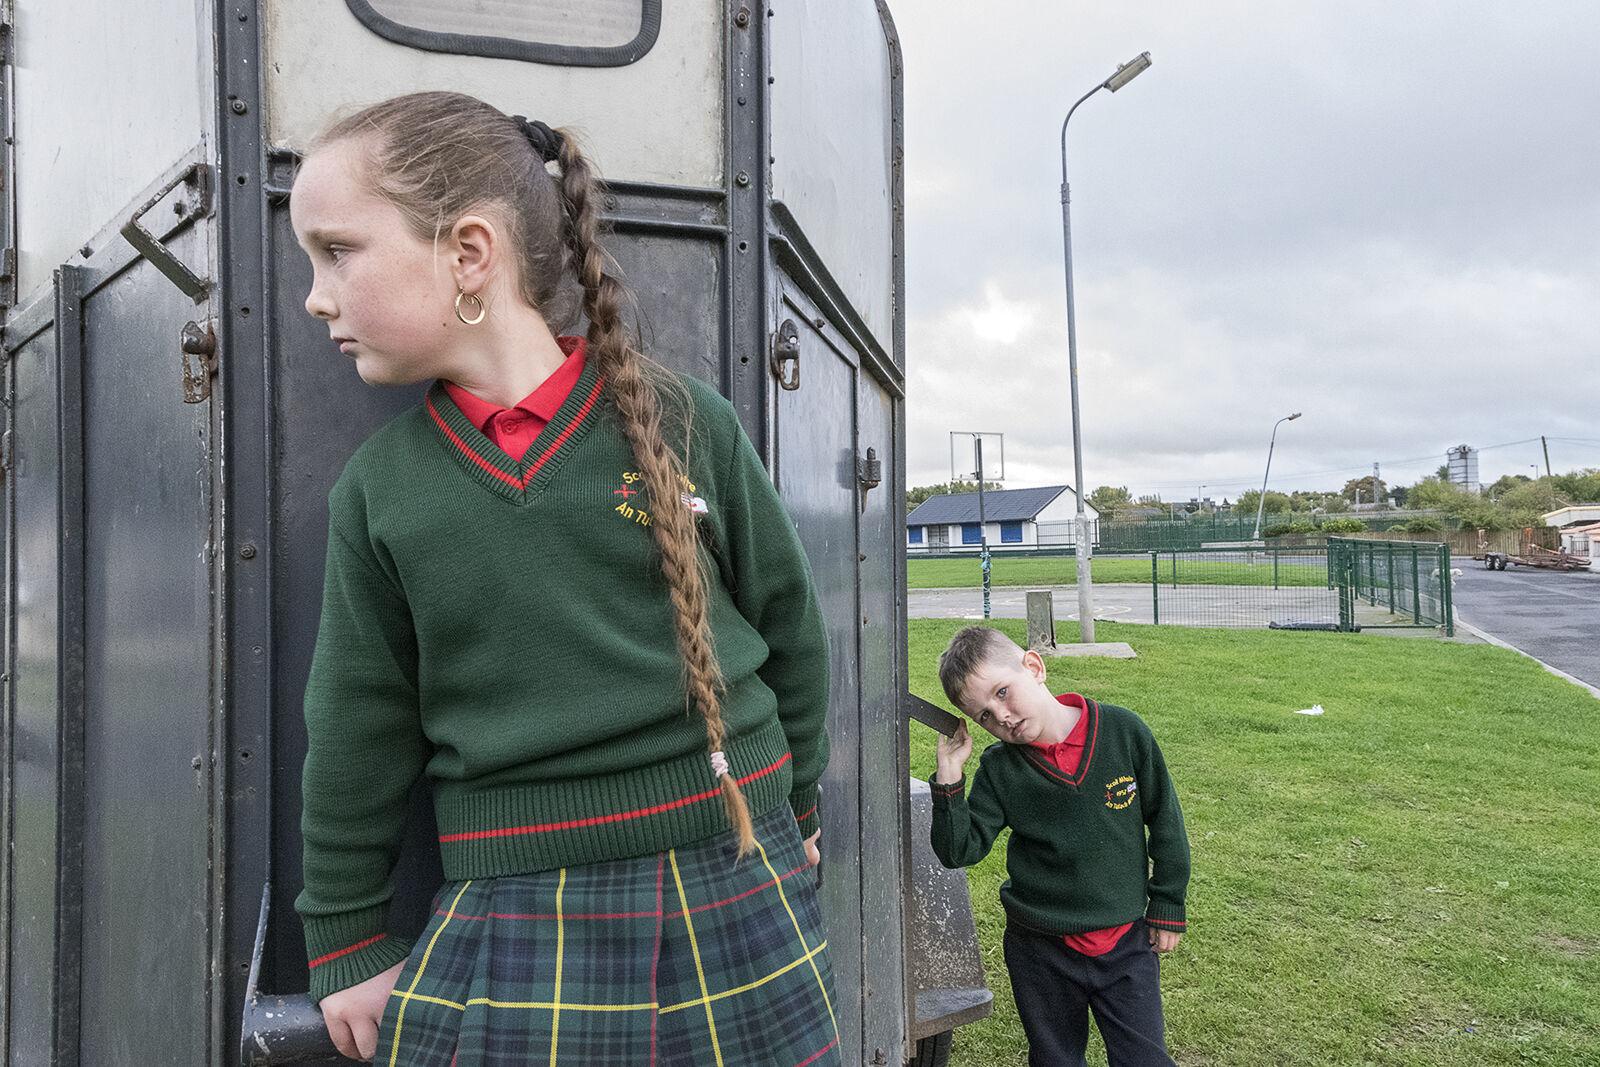 Ward Siblings, Offaly, Ireland 2018